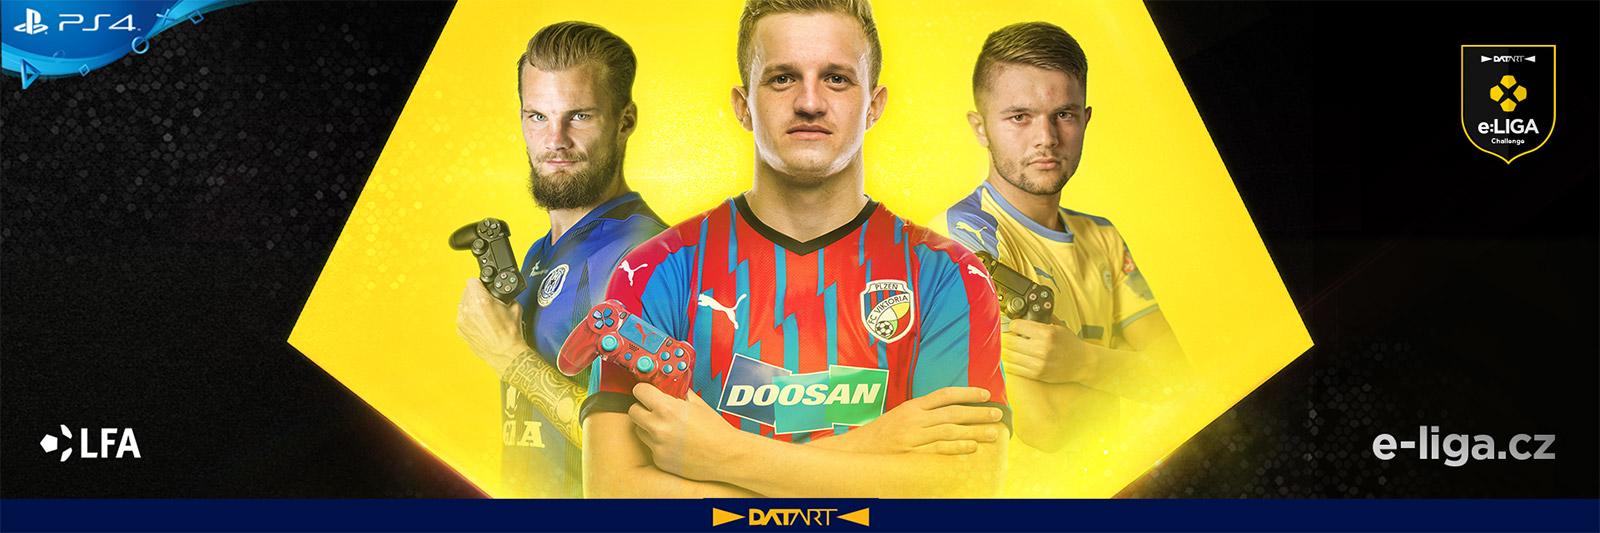 datart-e-liga-challenge-skupiny